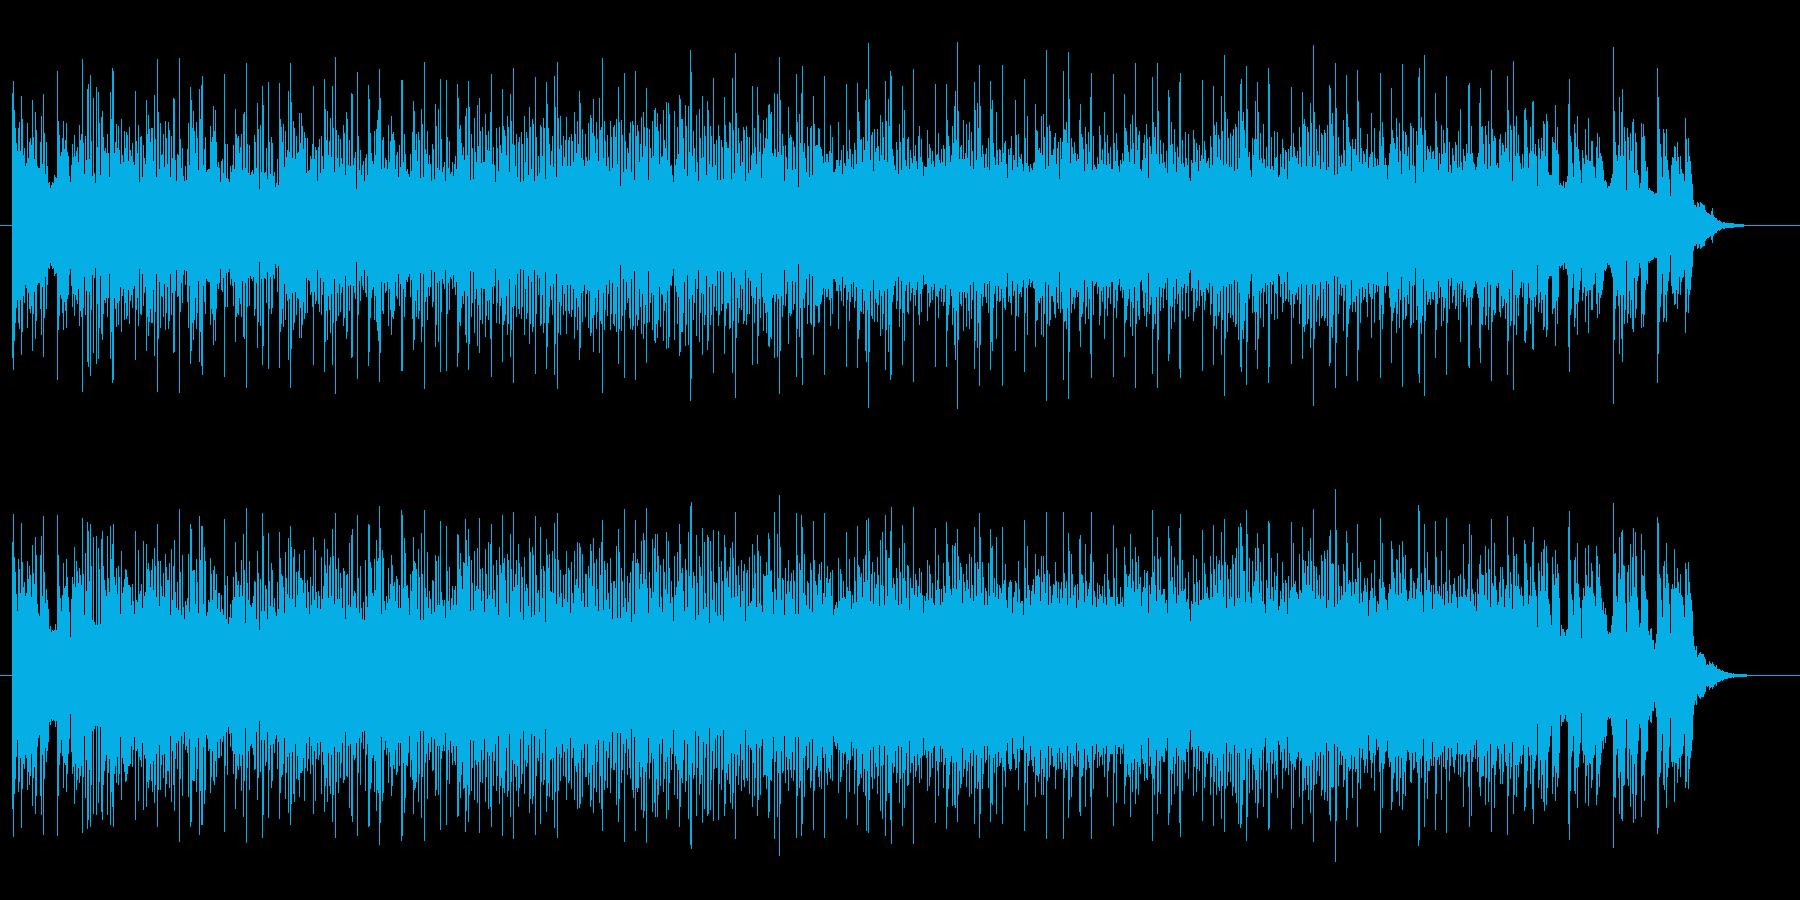 宇宙をイメージするブレイクビーツの再生済みの波形